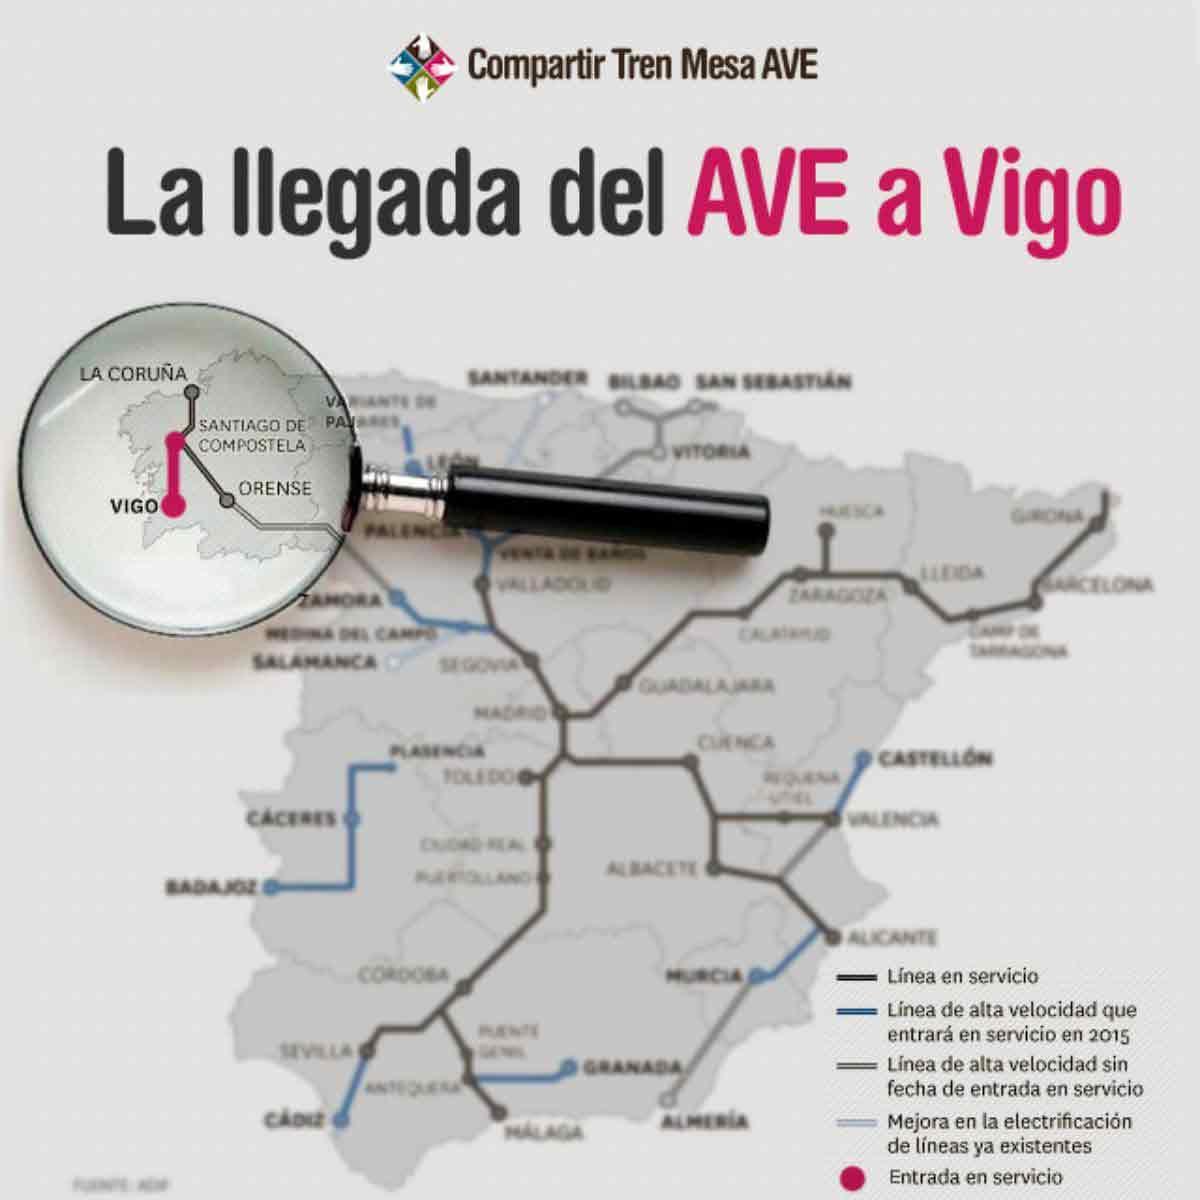 La llegada del AVE a Vigo en la estación de Urzáiz.